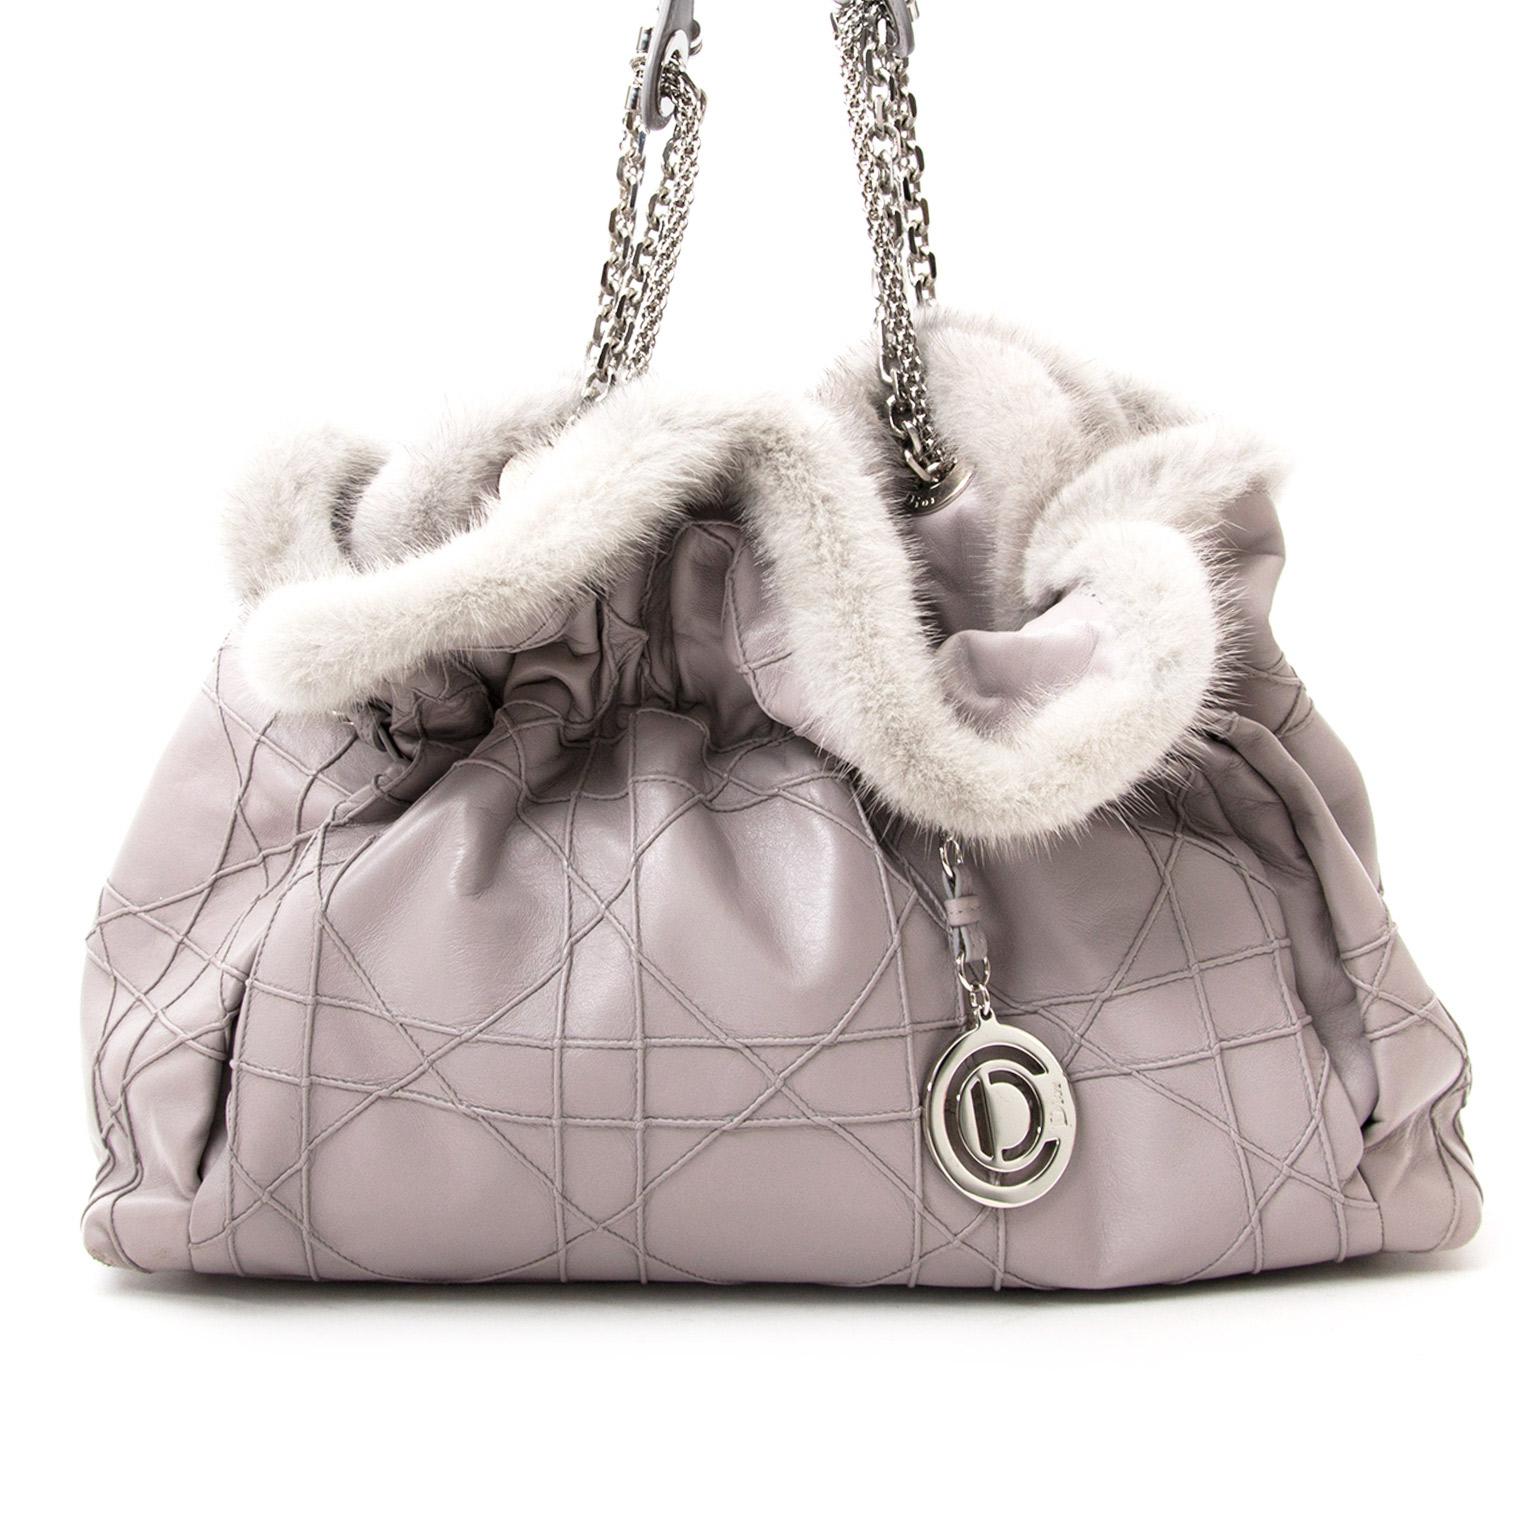 koop veilig online aan d beste prijs Christian Dior Grey Shoulder Bag with Fur net als nieuw 100% authentiek